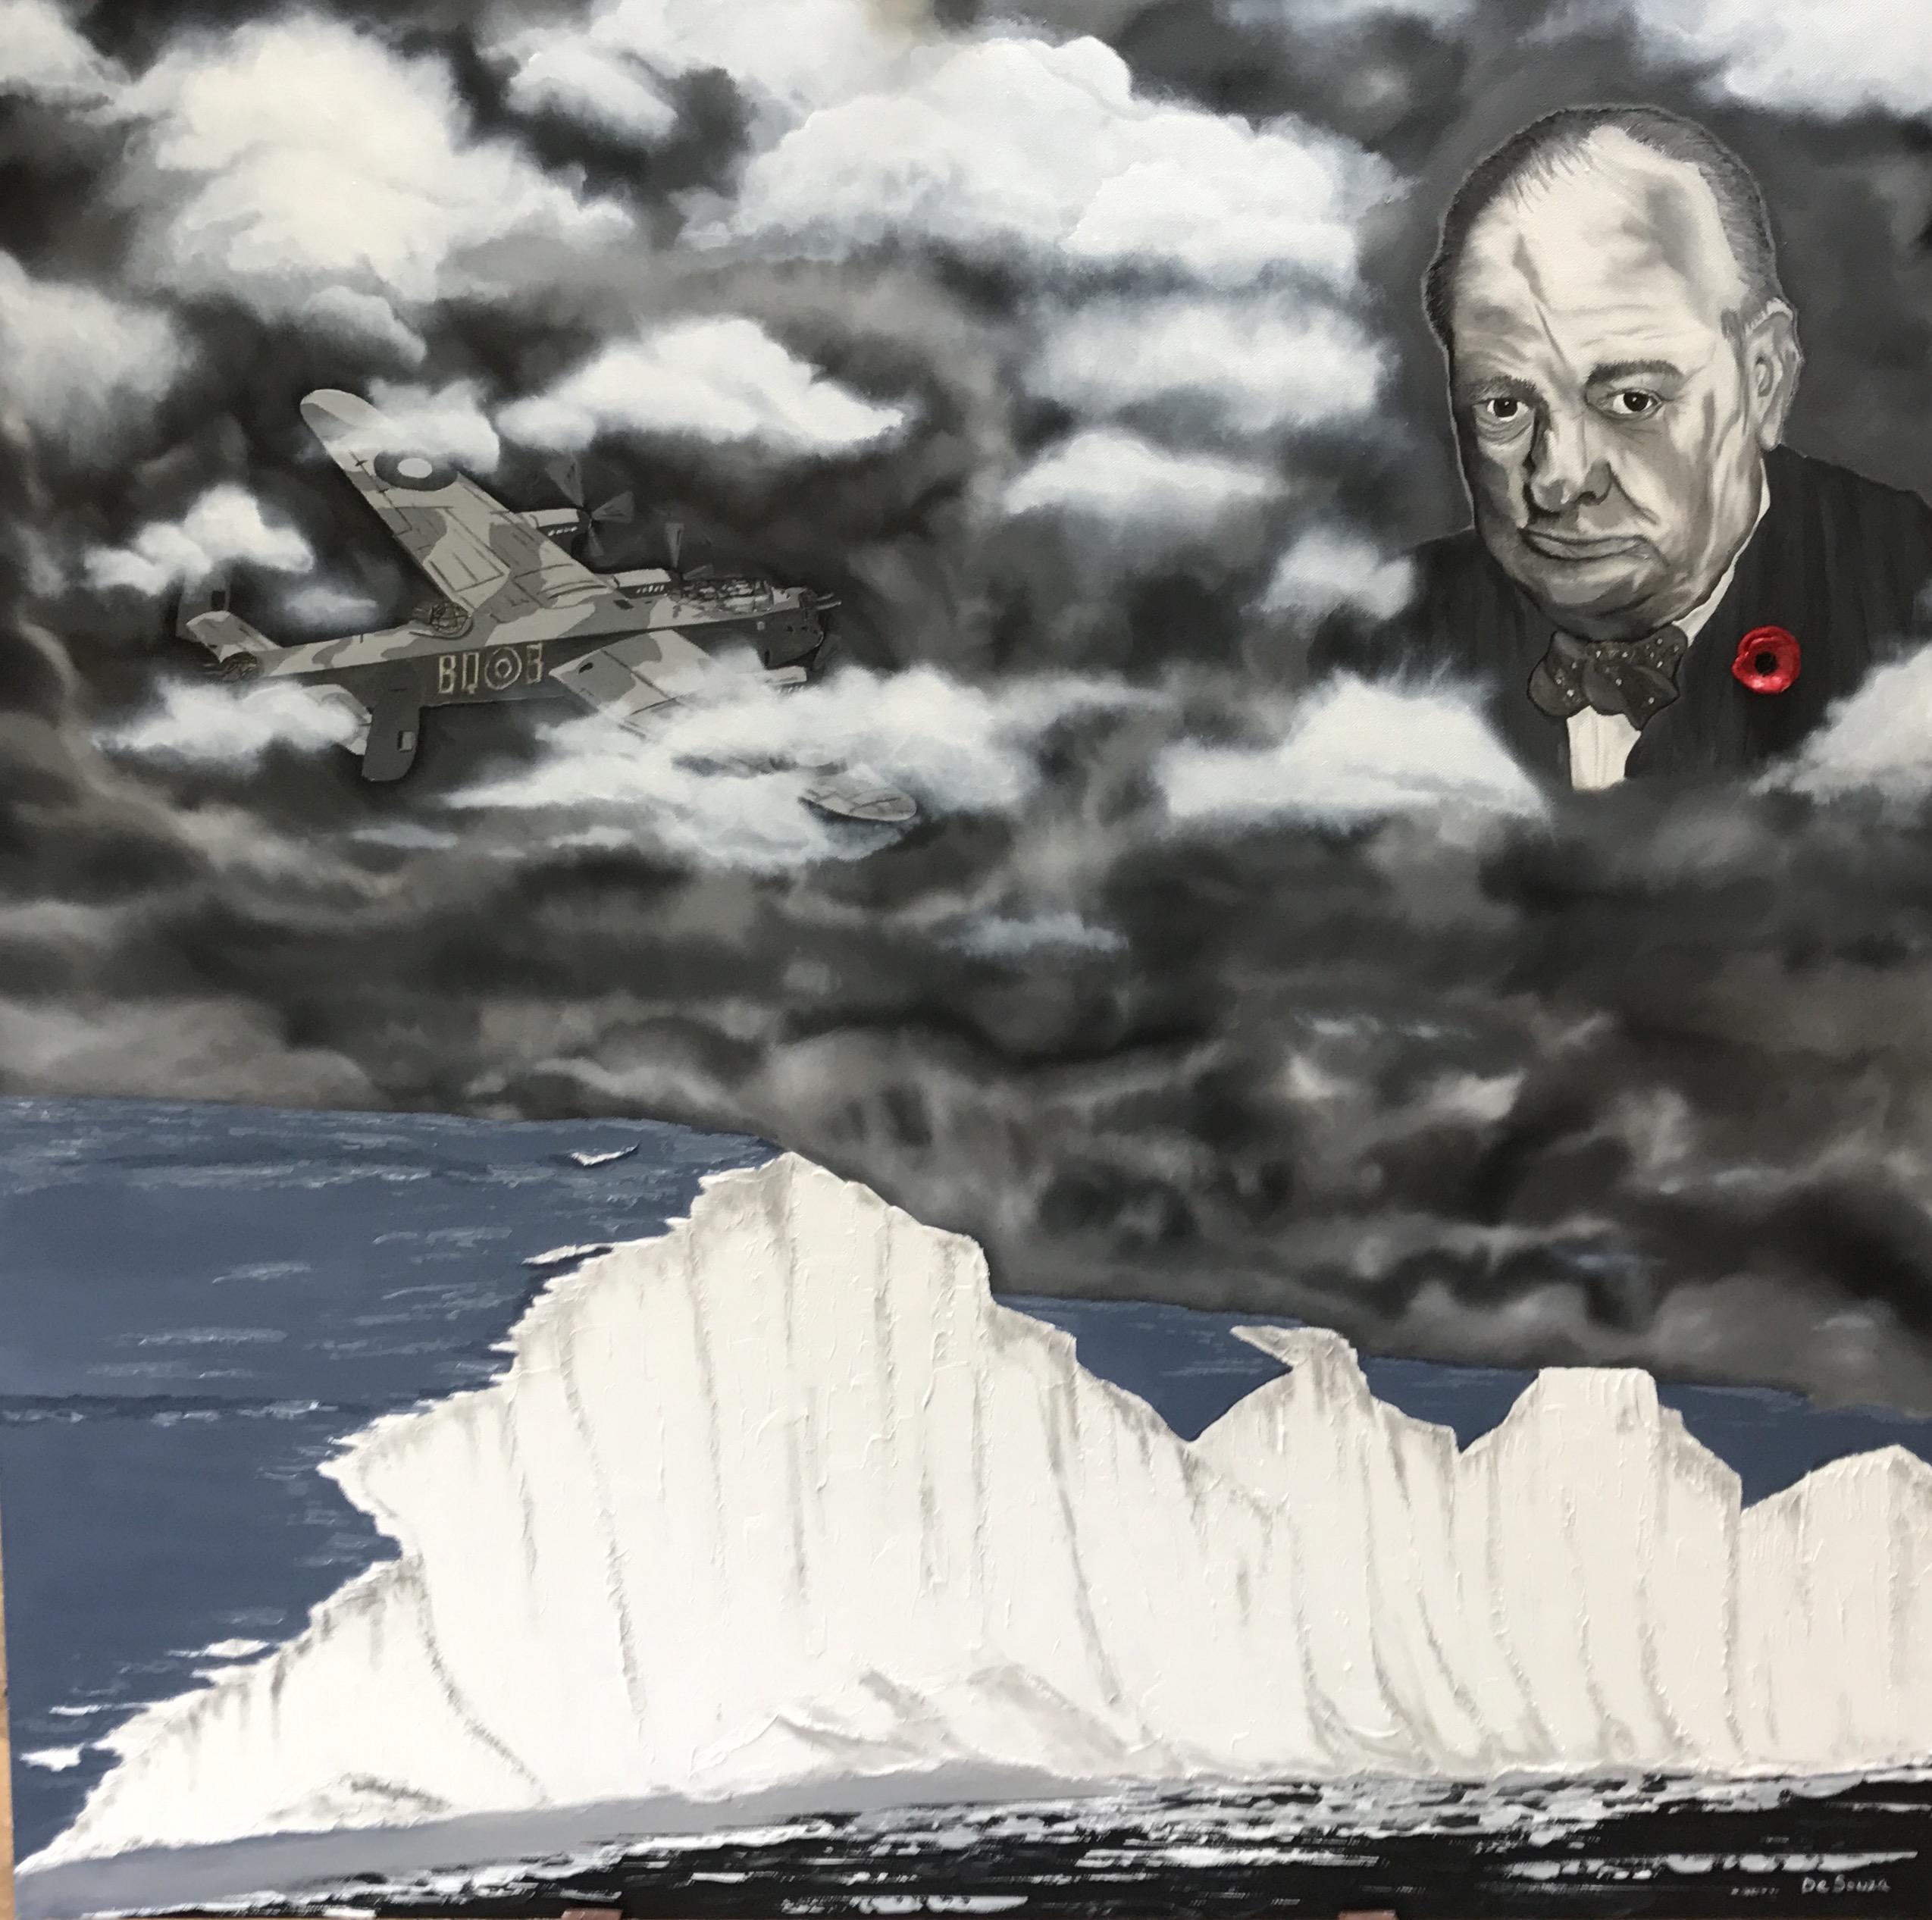 Huge canvas by Davethepioneer